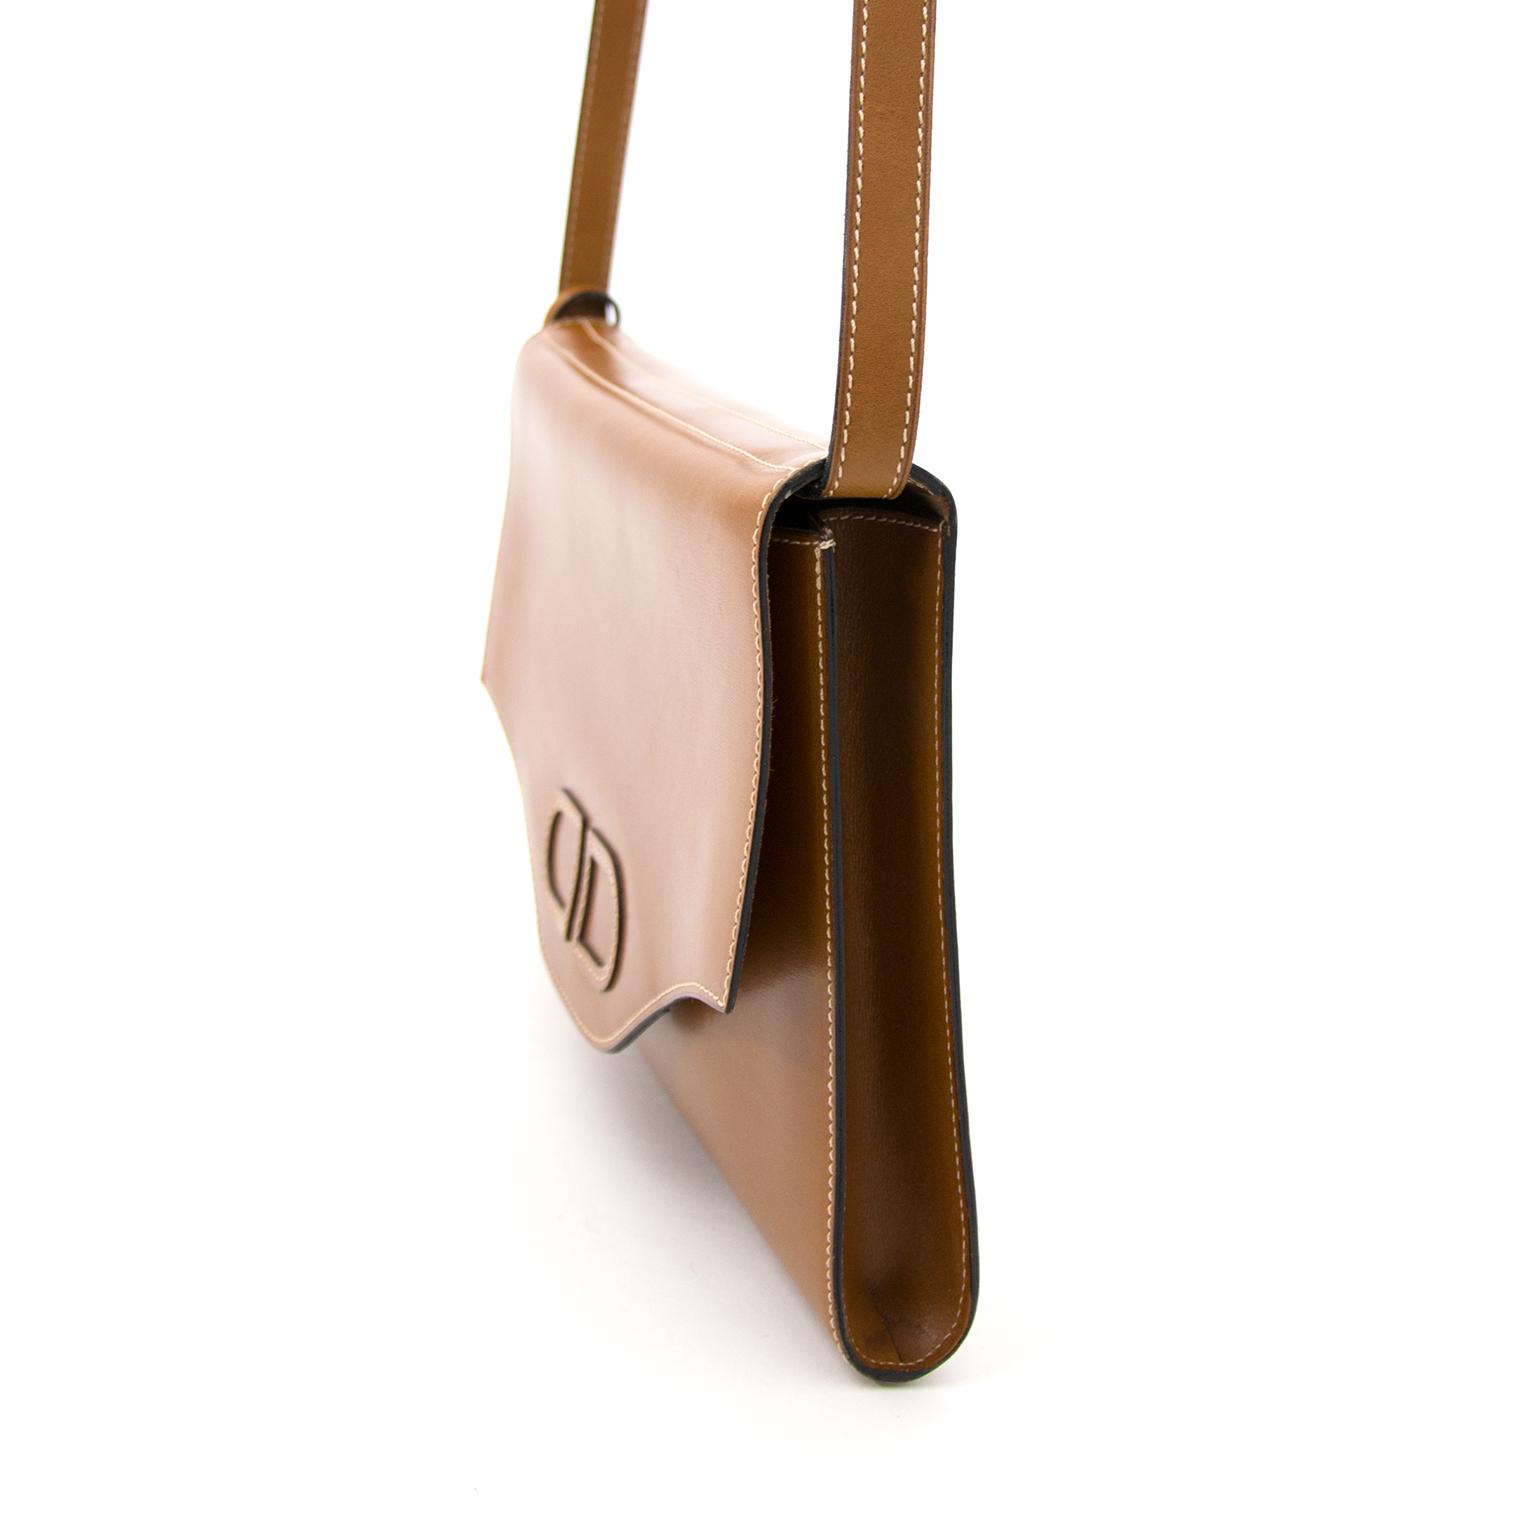 koop uw delvaux cognace schoudertas nu online bij labellov.com tegen de beste prijs